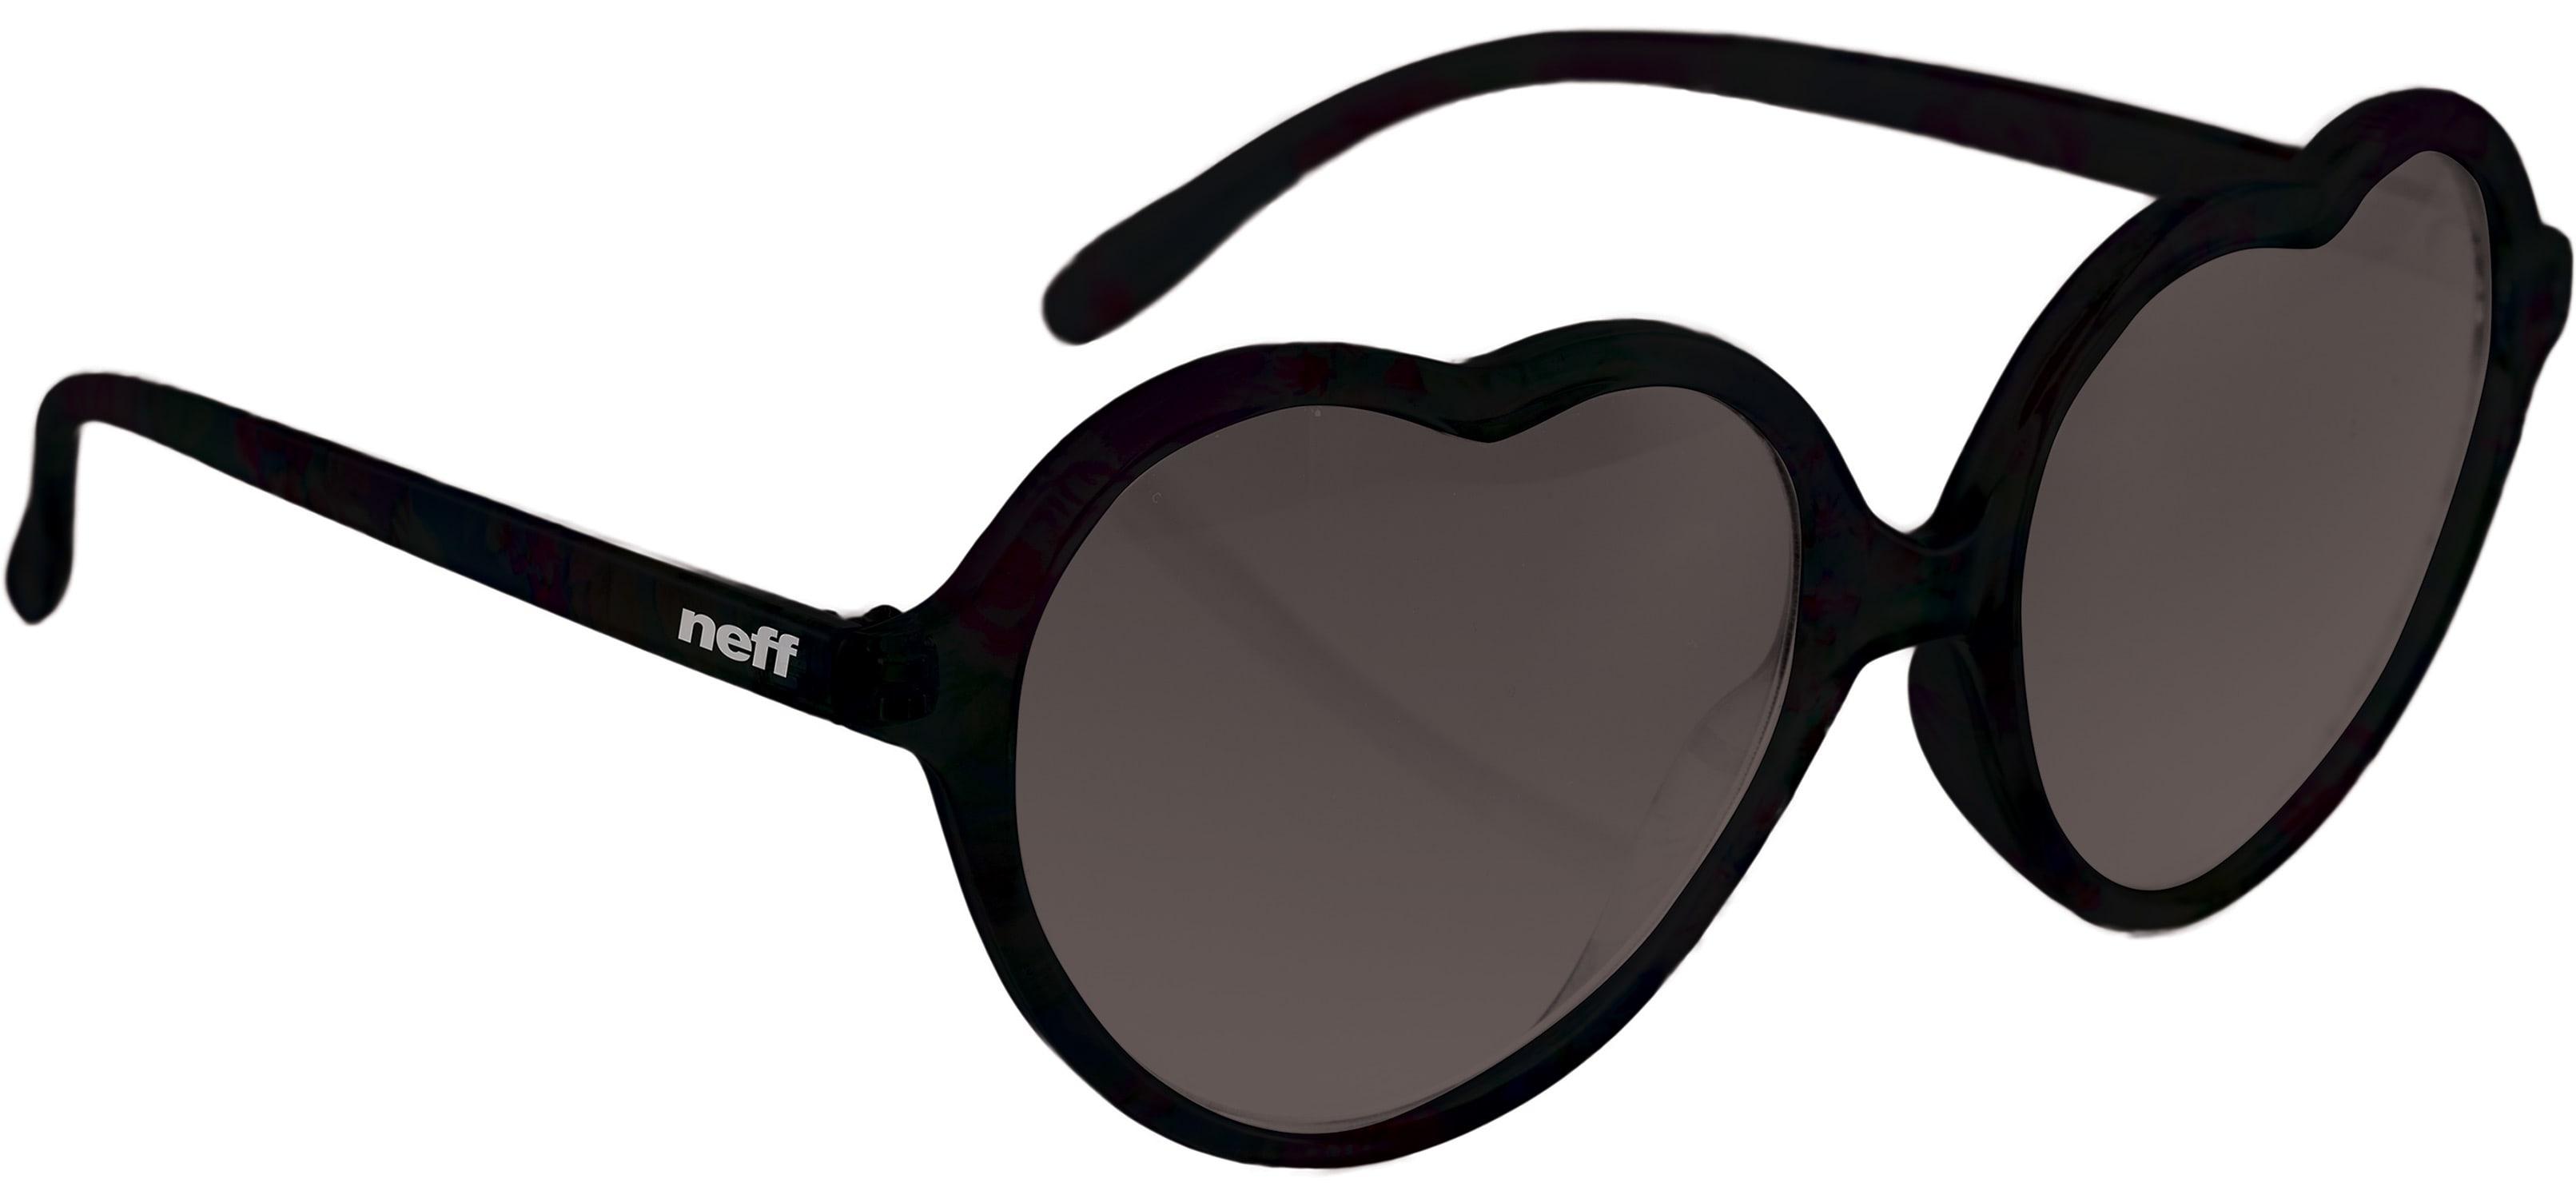 Image of Neff Luv Sunglasses